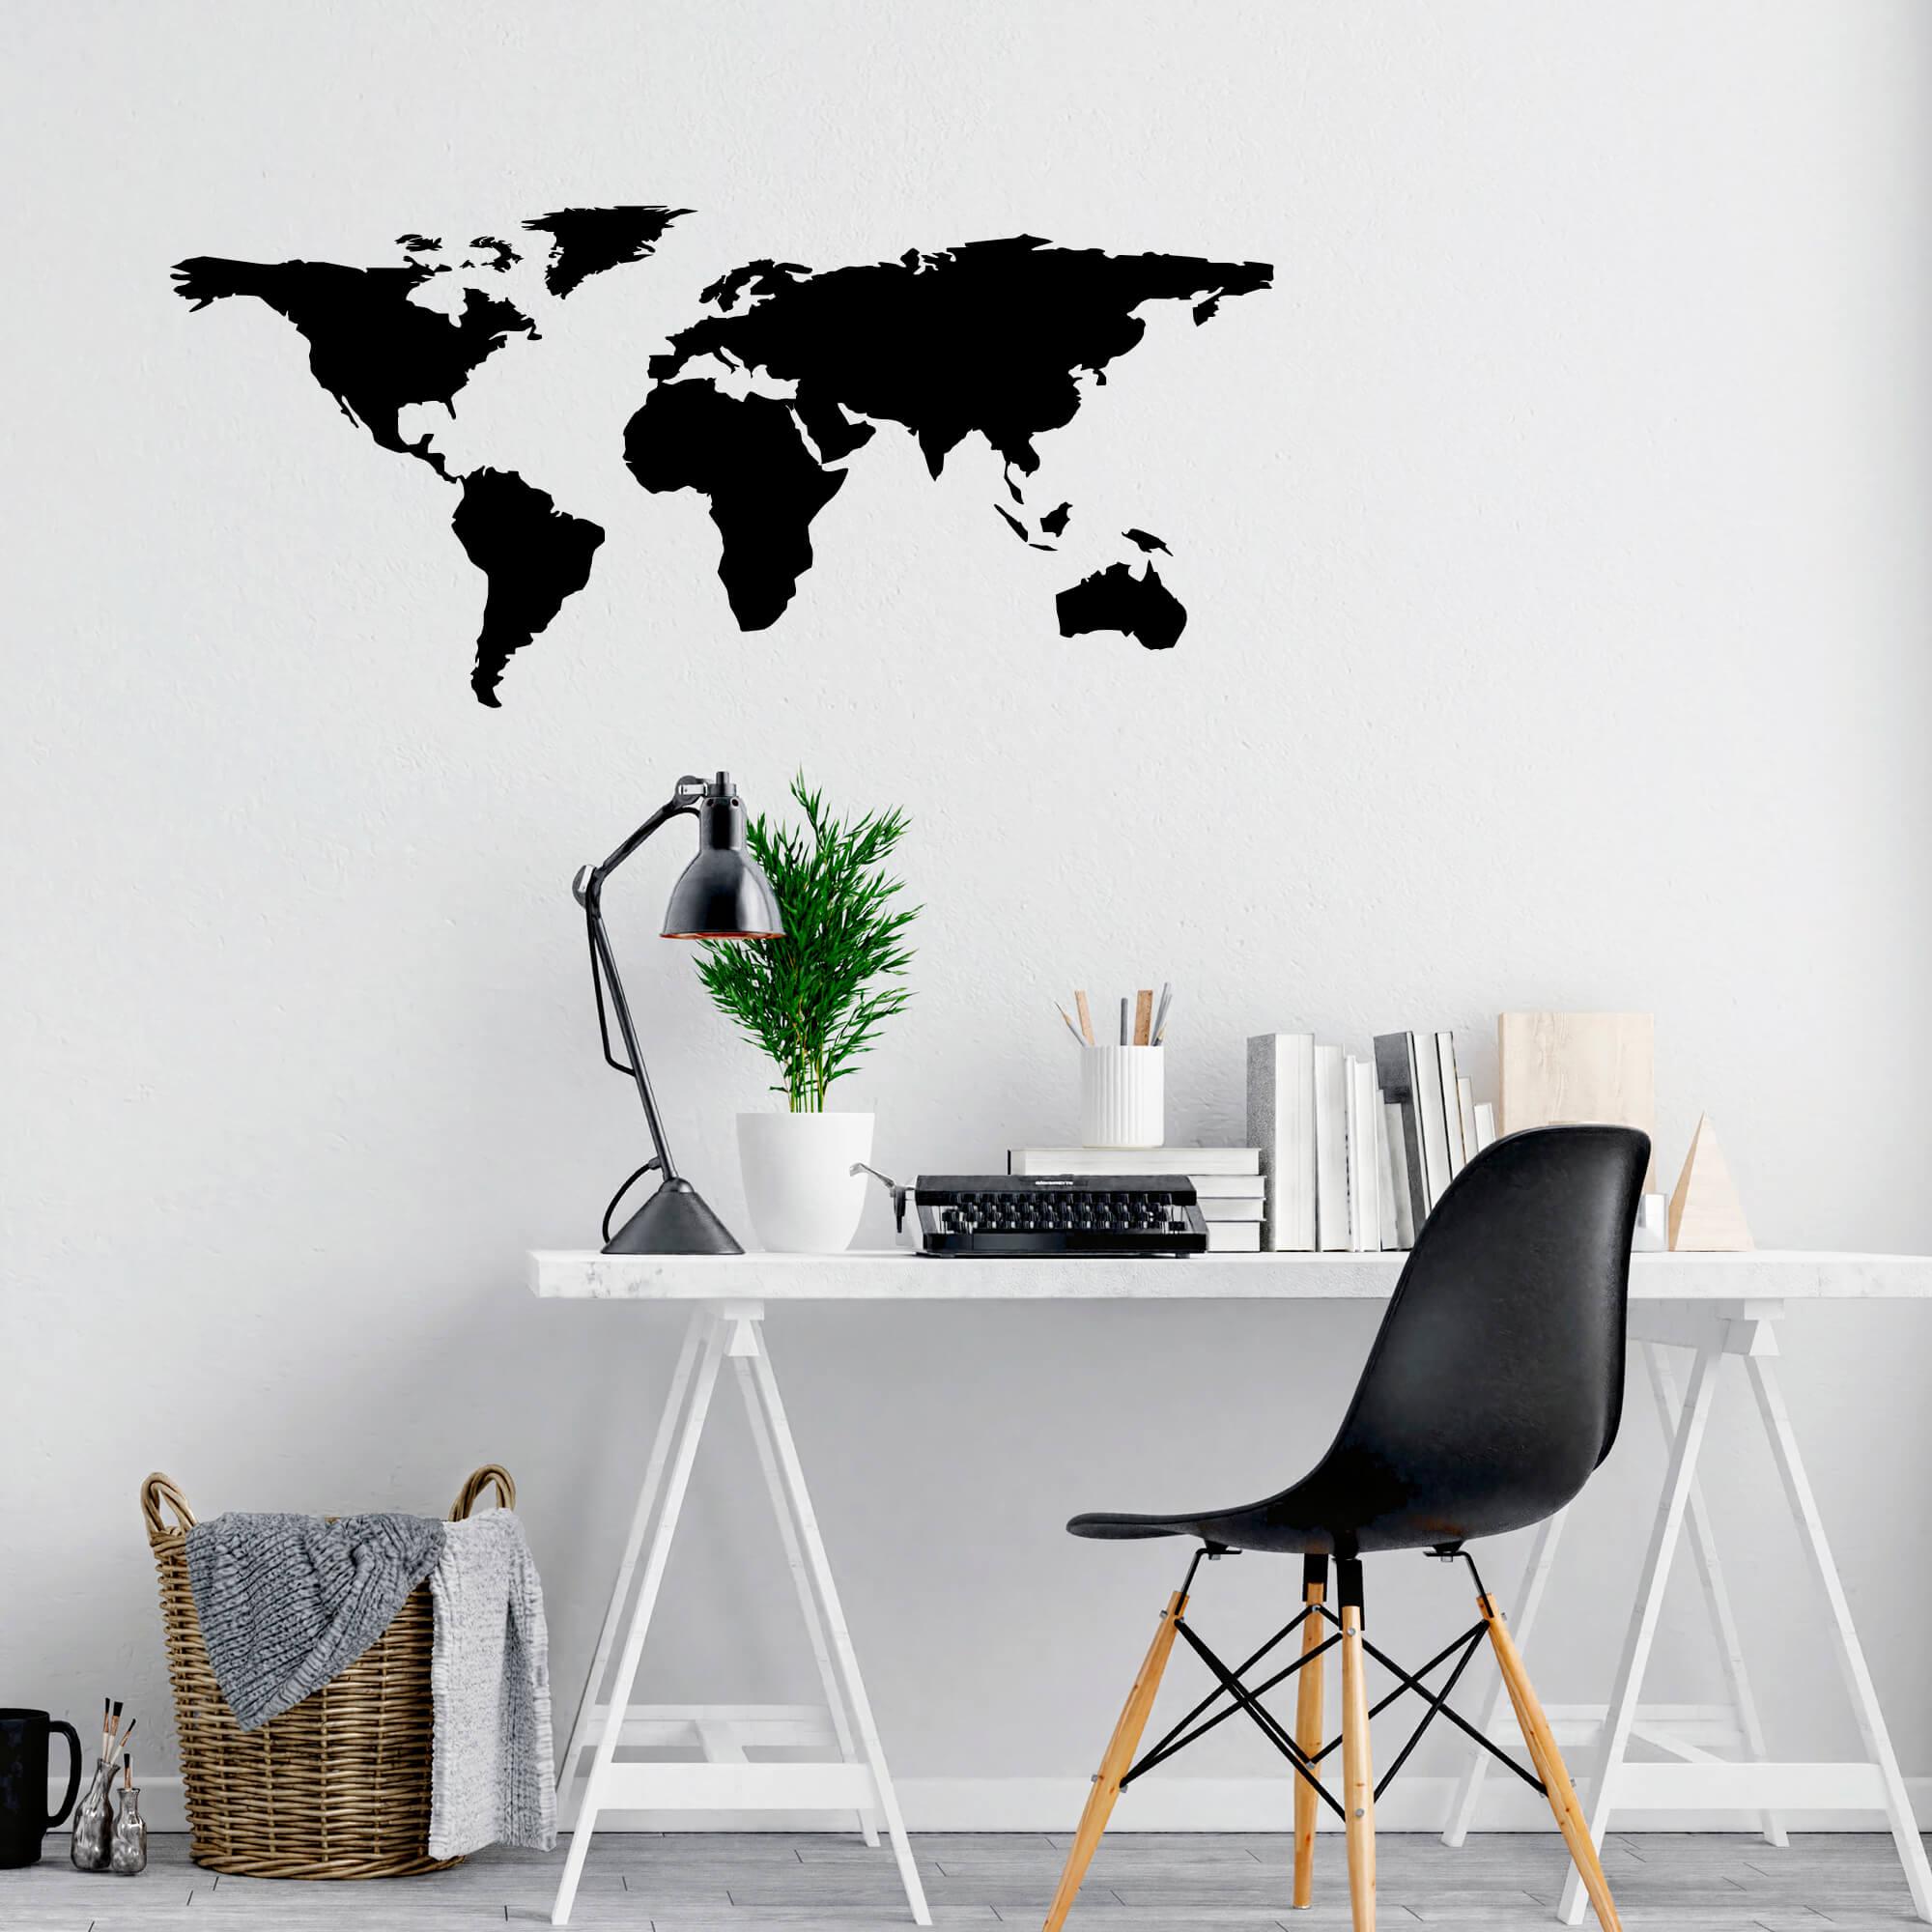 Adesivo de Parede Mapa Mundi Decoração Ambientes Sala Quarto Escritório